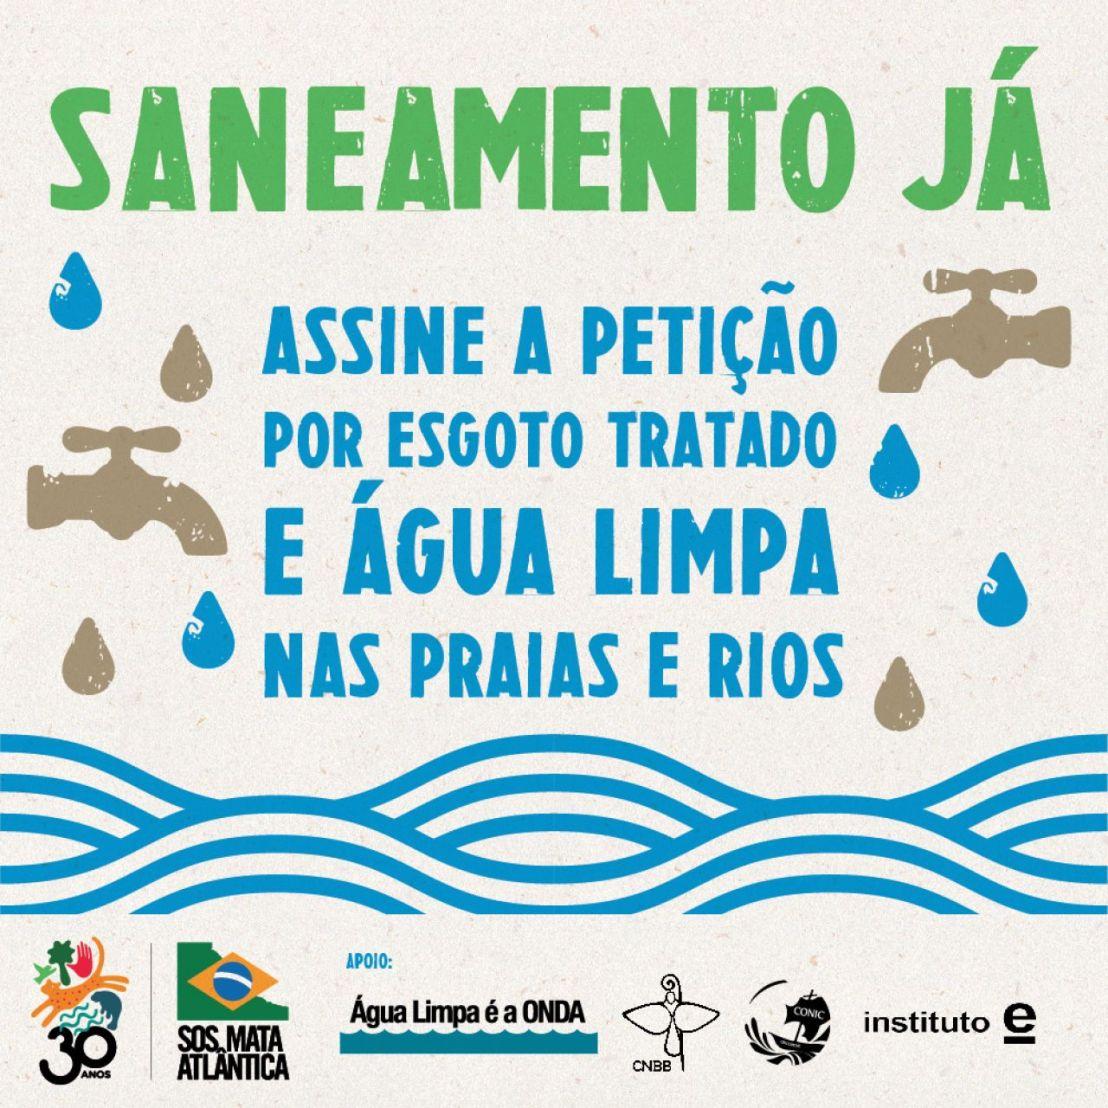 Assine a petição por esgoto tratado e água limpa nas praias erios